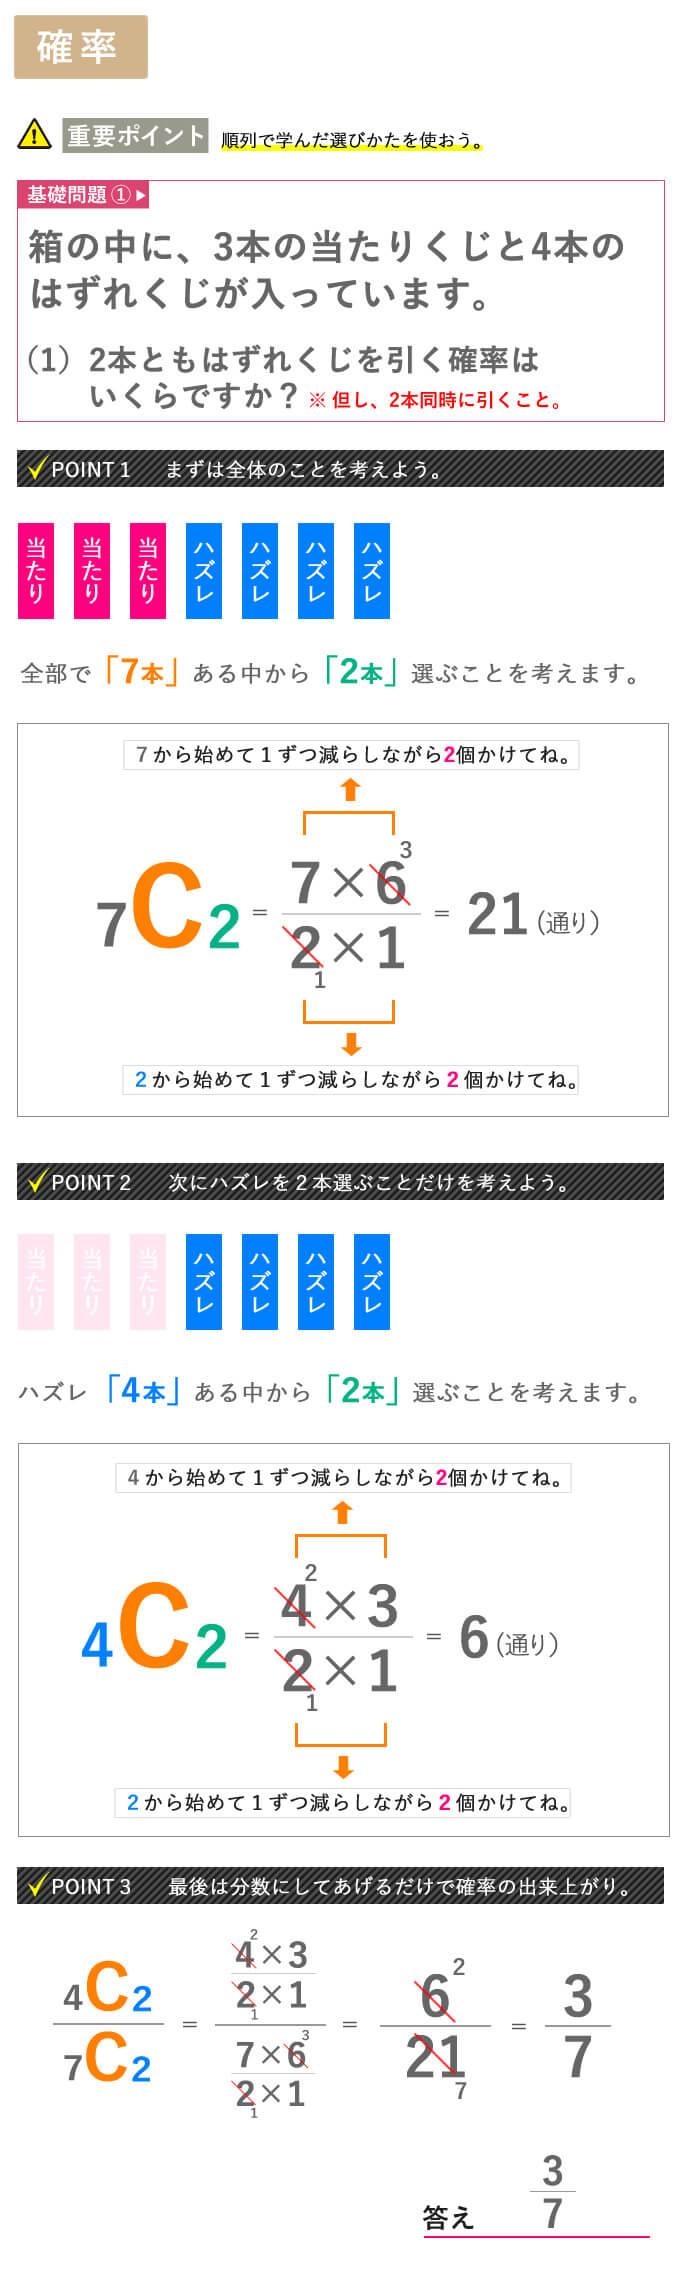 看護予備校大阪KAZアカデミーの場合の数、【確率 その1】画像